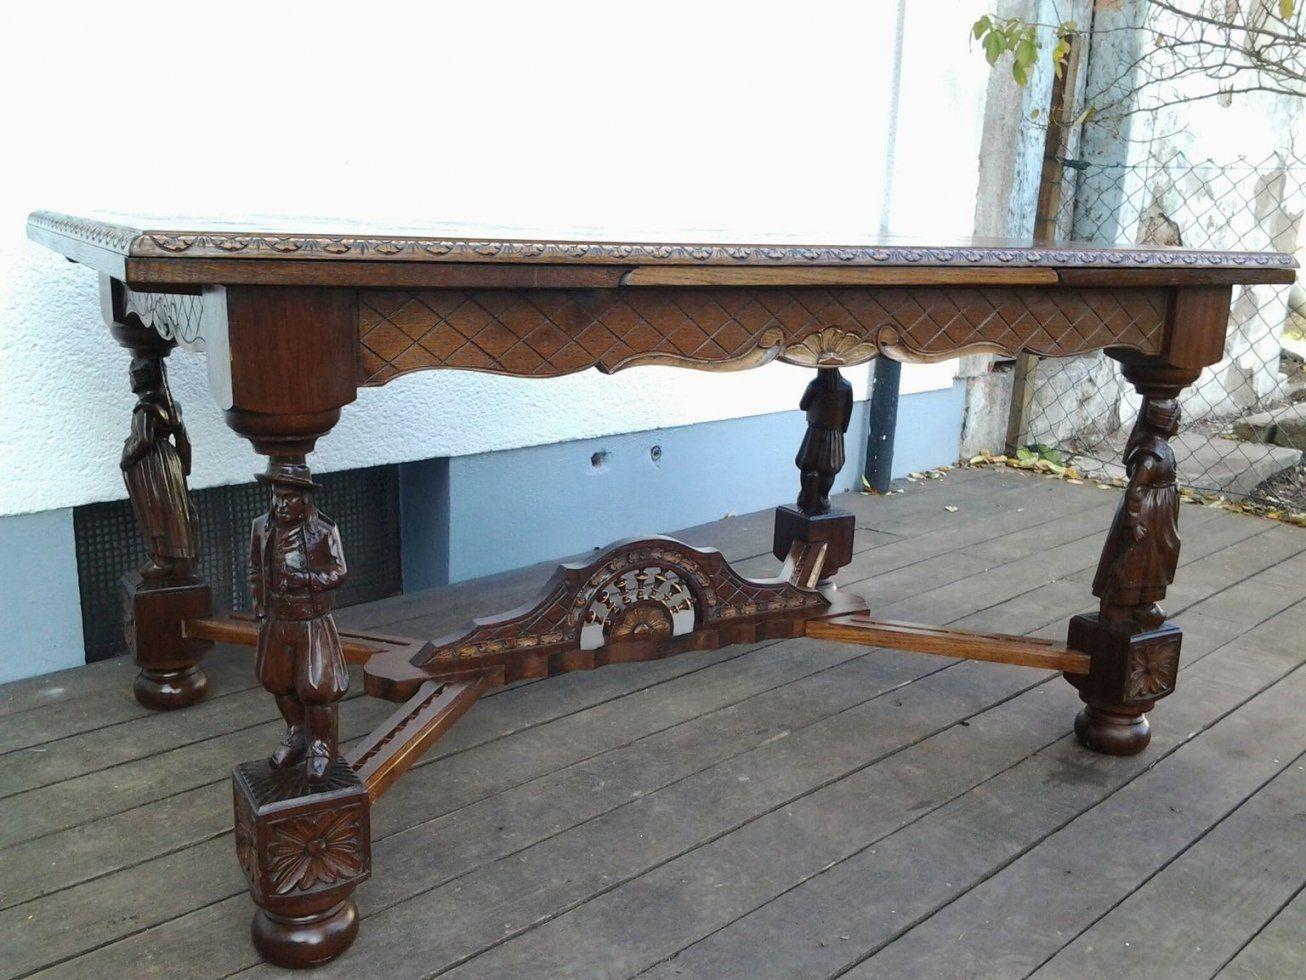 Gebraucht Antiker Esstisch Ausziehbar Mit 6 Stühlen In 66882 von Antiker Esstisch Mit Stühlen Photo